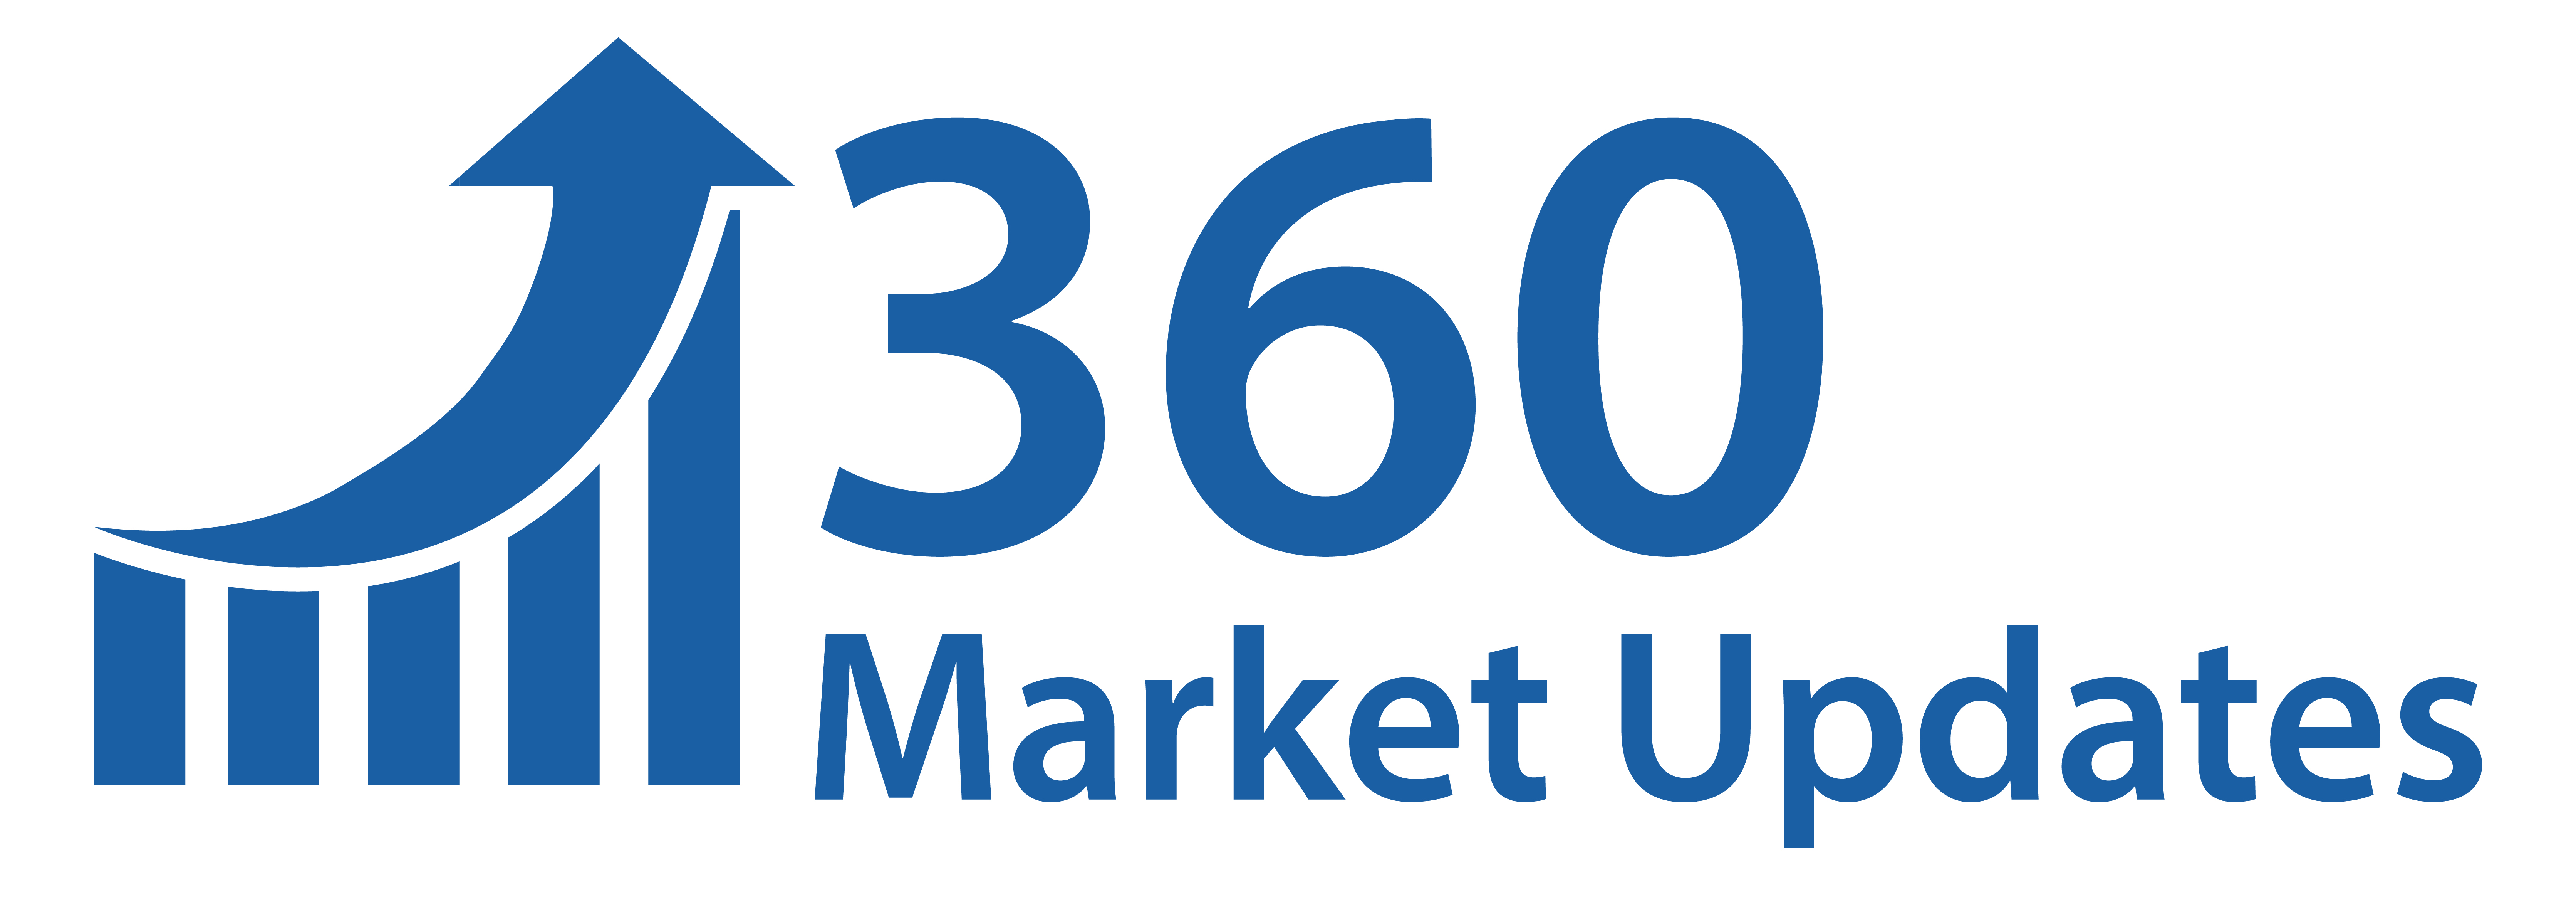 Tracheobronchial Stents Market 2019 Branchengröße, Zukünftige Trends, Wachstumsschlüsselfaktoren, Nachfrage, Geschäftsanteil, Umsatz & Einkommen, Hersteller, Anwendungs-, Scope- und Chancenanalyse nach Outlook – 2025